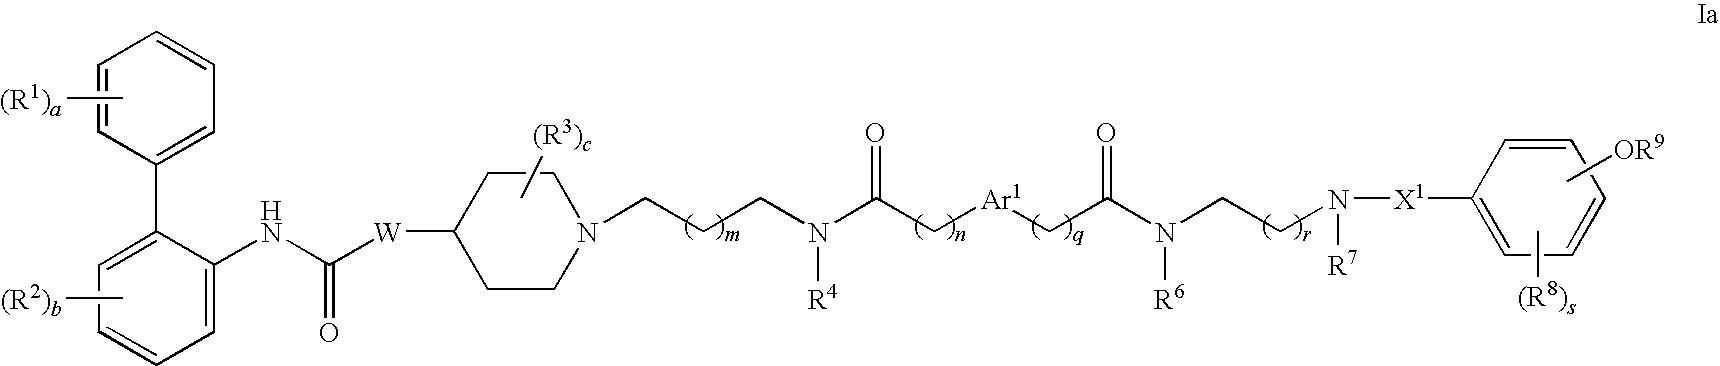 Figure US07659403-20100209-C00004